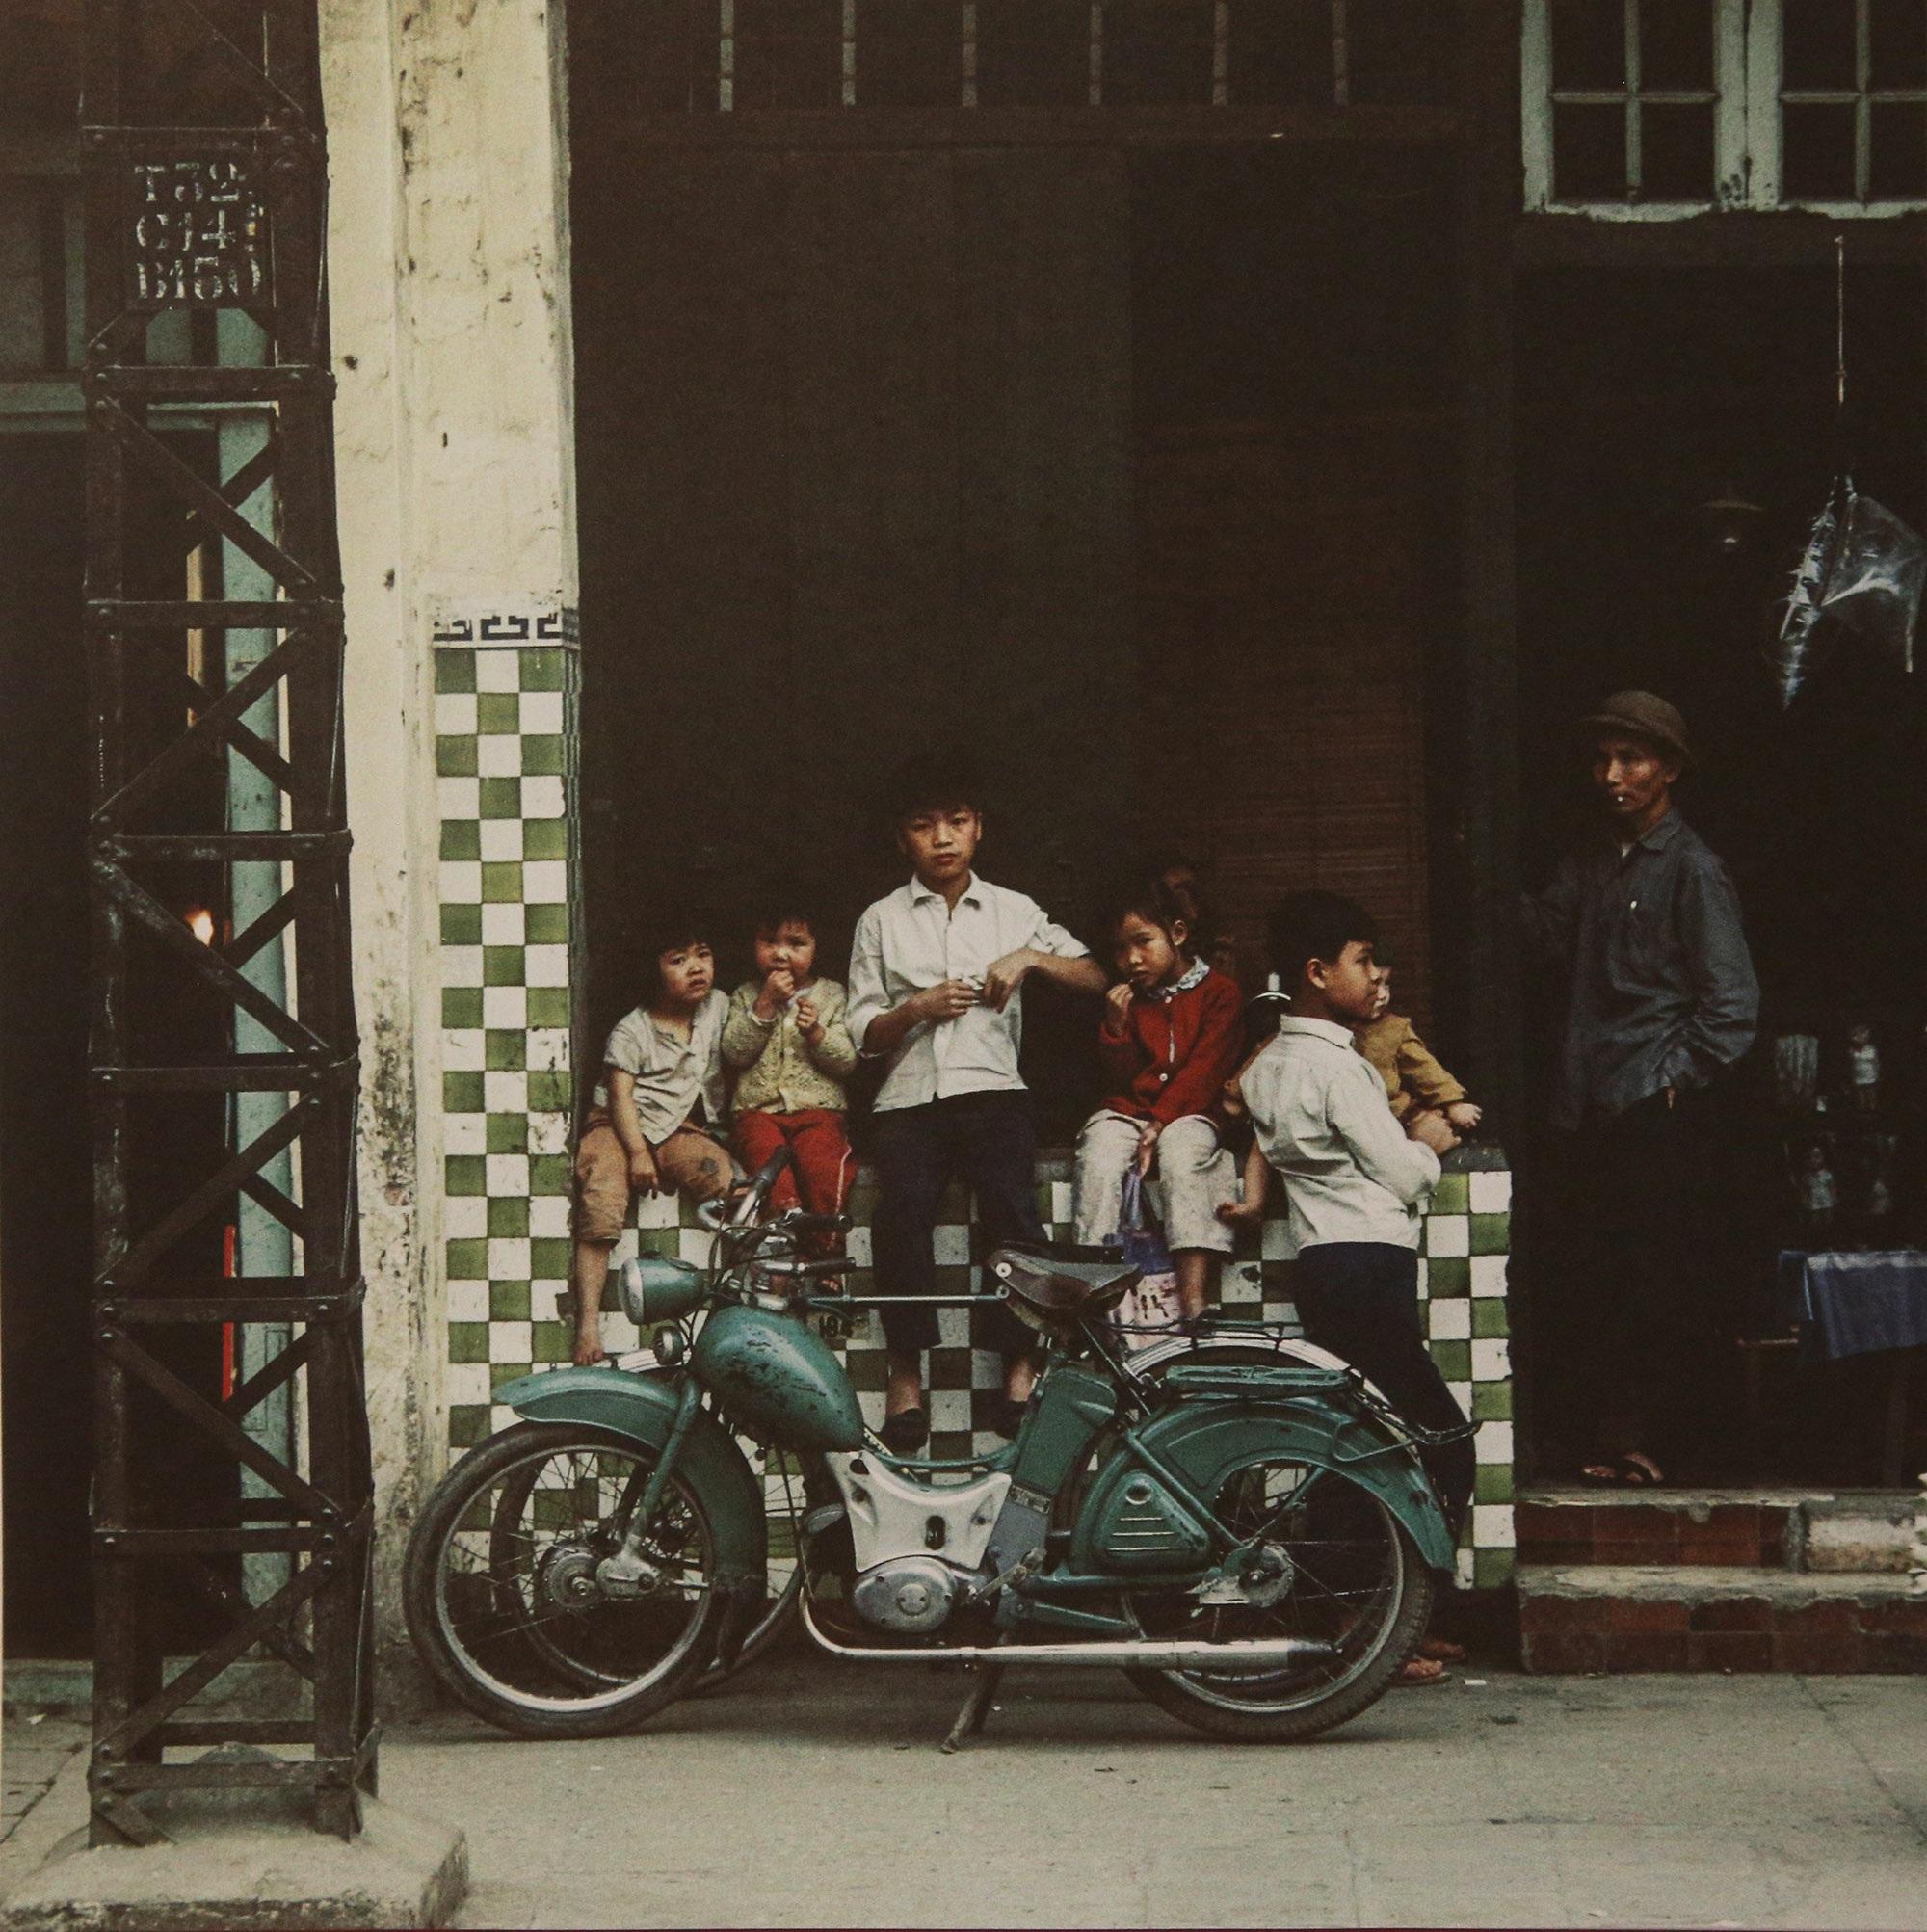 Hình ảnh quý về Hà Nội thời gian khó của nhiếp ảnh gia người Đức - 22